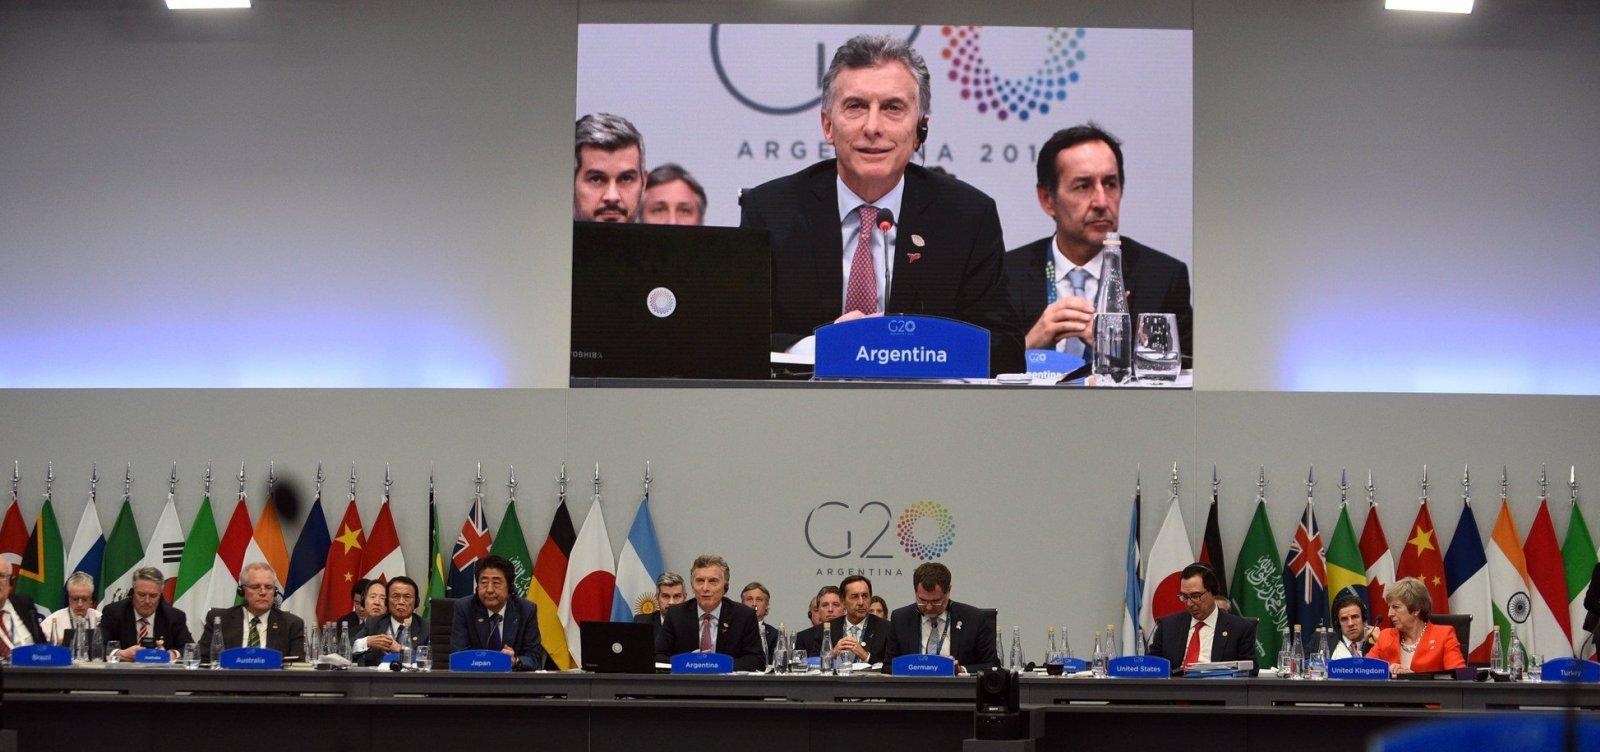 [Em comunicado, G20 apoia reforma na OMC e afirma que Acordo de Paris é irreversível]